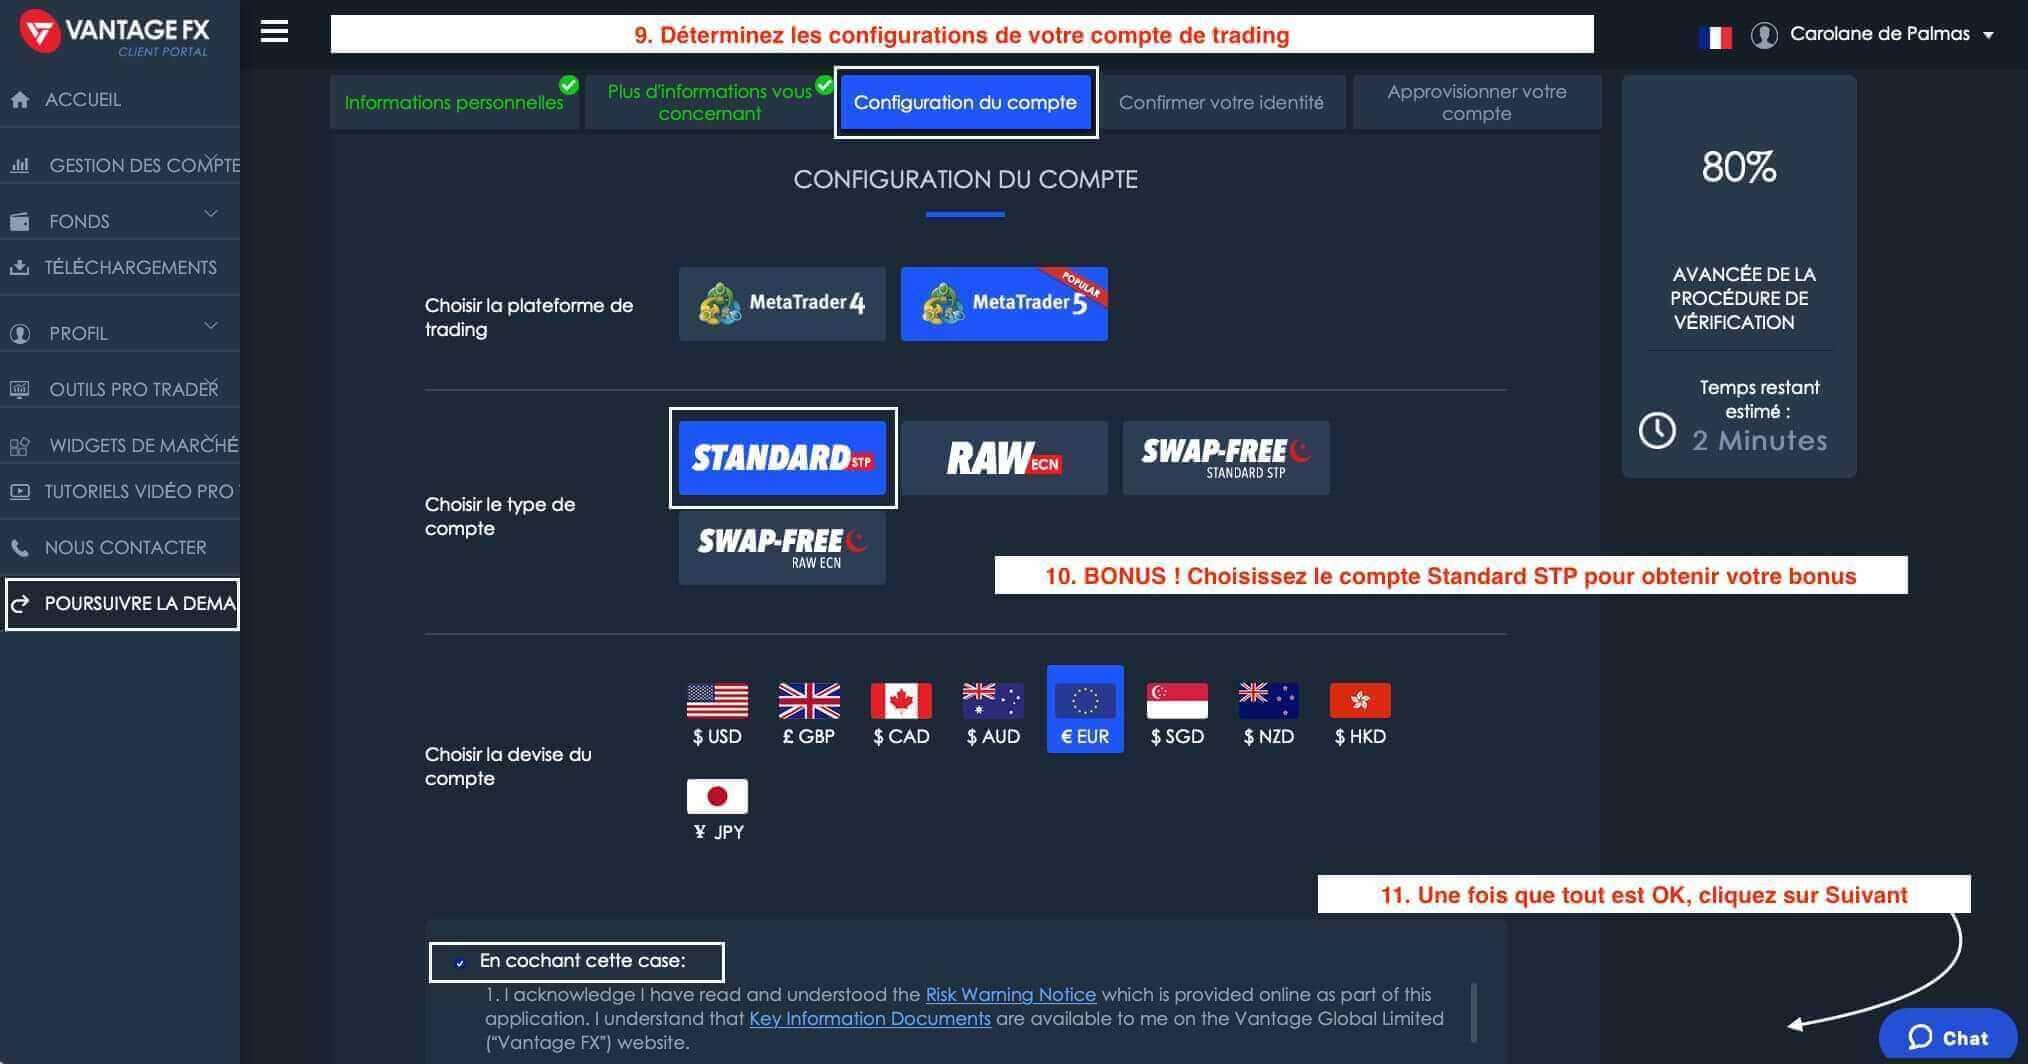 Configuration de Compte de Trading Vantage FX